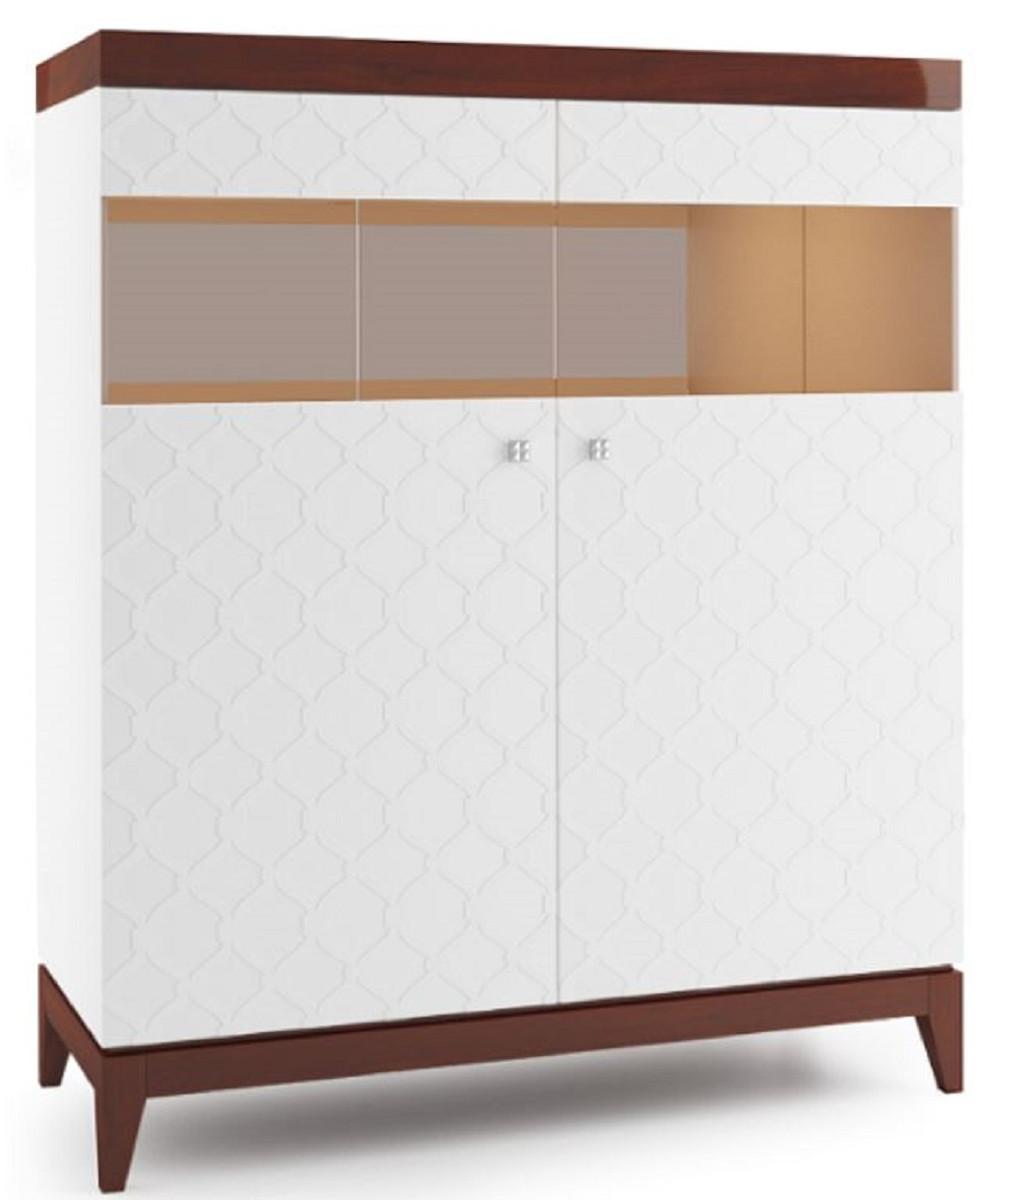 Casa Padrino Luxus Barschrank Mit 2 Türen Weiß Hochglanz Braun 1112 X 45 X H 1328 Cm Luxus Kollektion